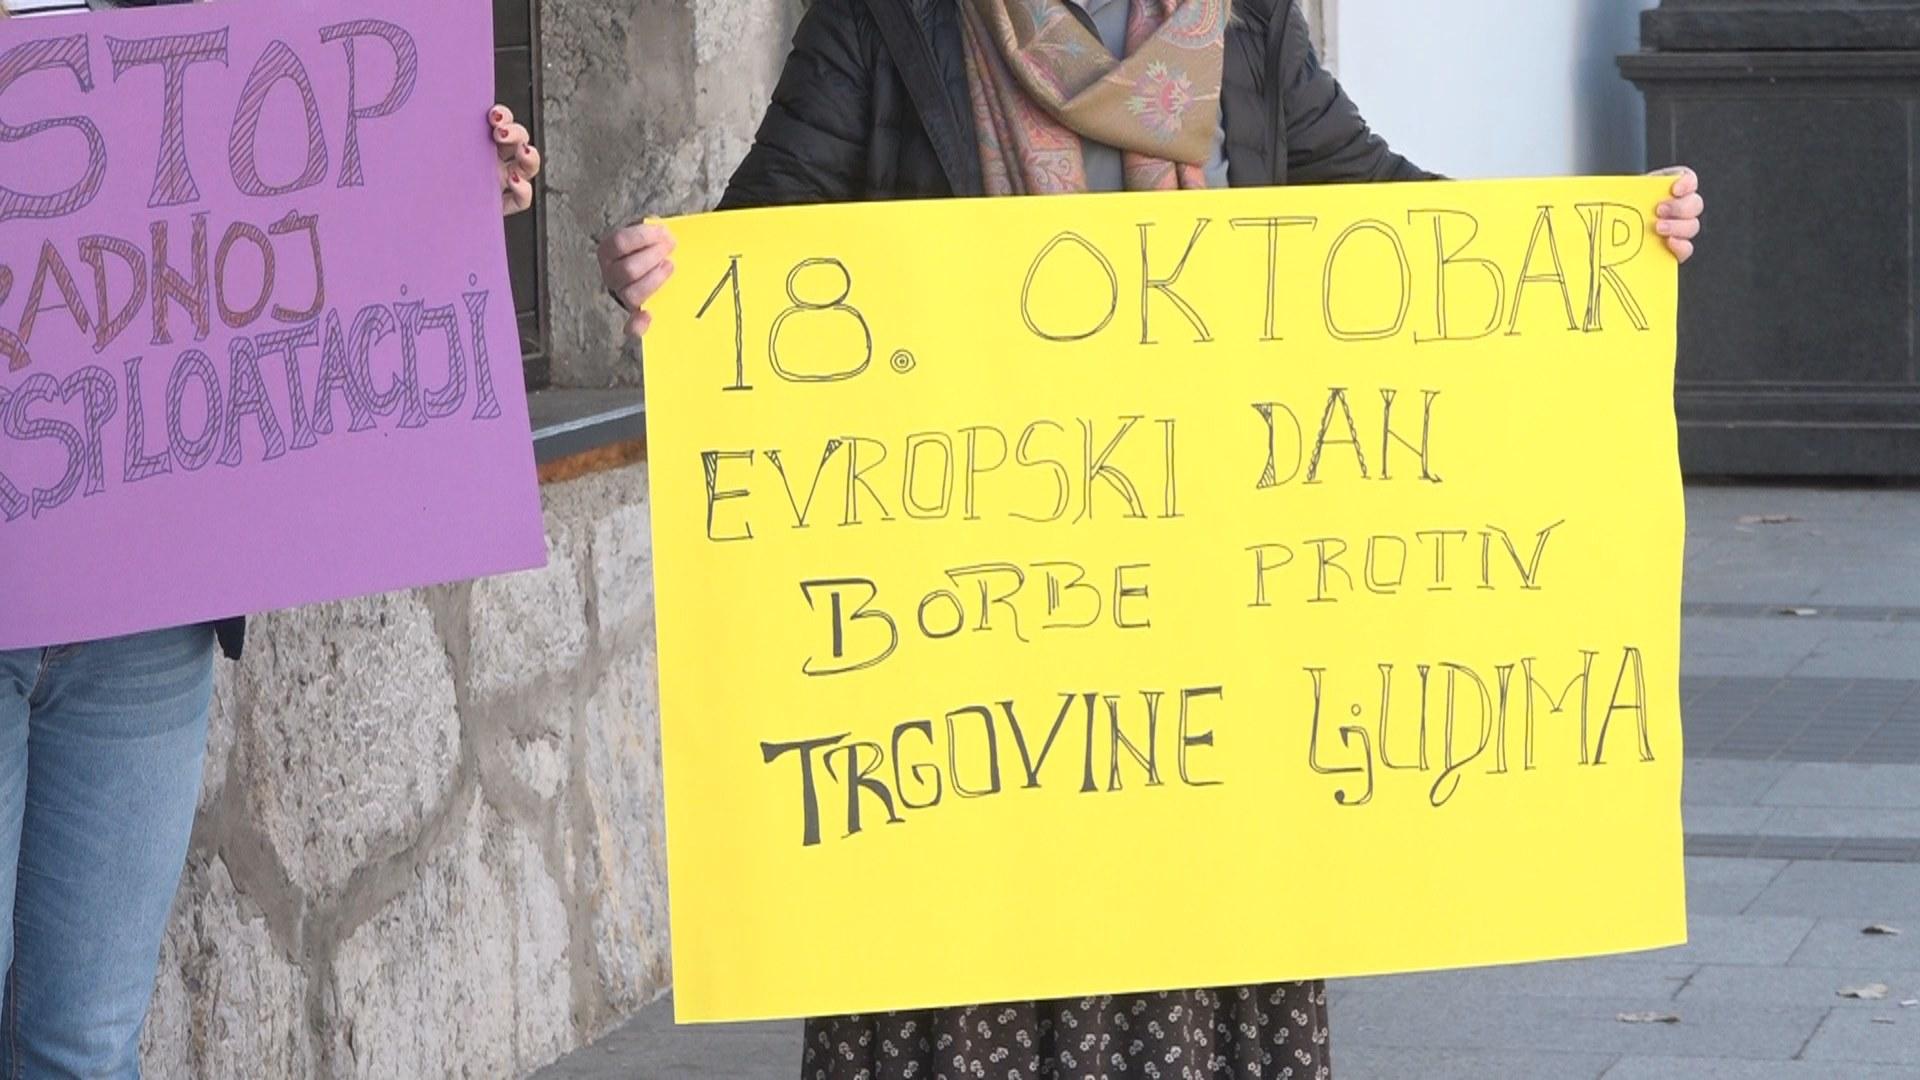 Од почетка године у Србији идентификоване 42 жртве трговине људима